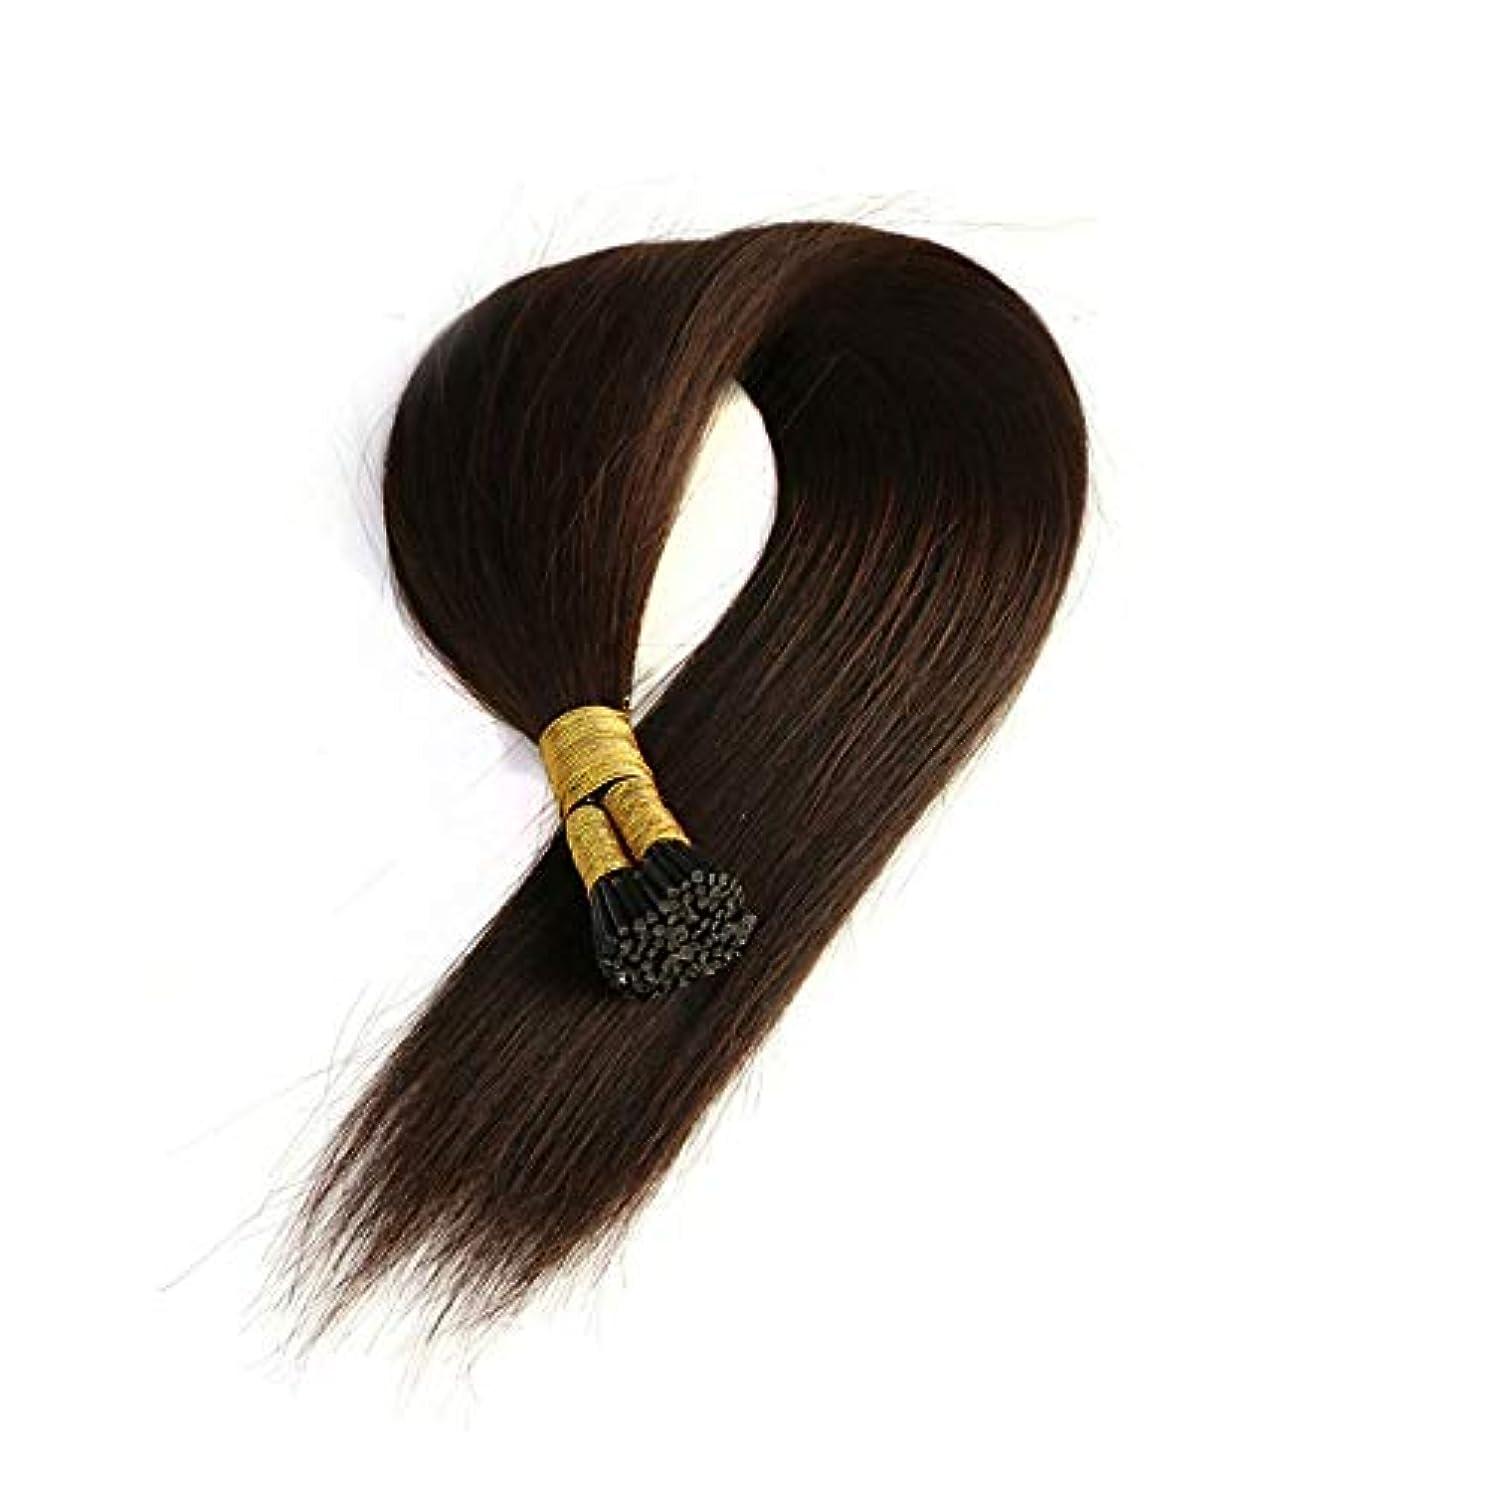 最終的に下に補充JULYTER ナノリングヘアエクステンション人間の髪の毛イージーラングループマイクロビーズ髪の毛50グラムあたりパッケージ総計 (色 : 黒, サイズ : 40cm)